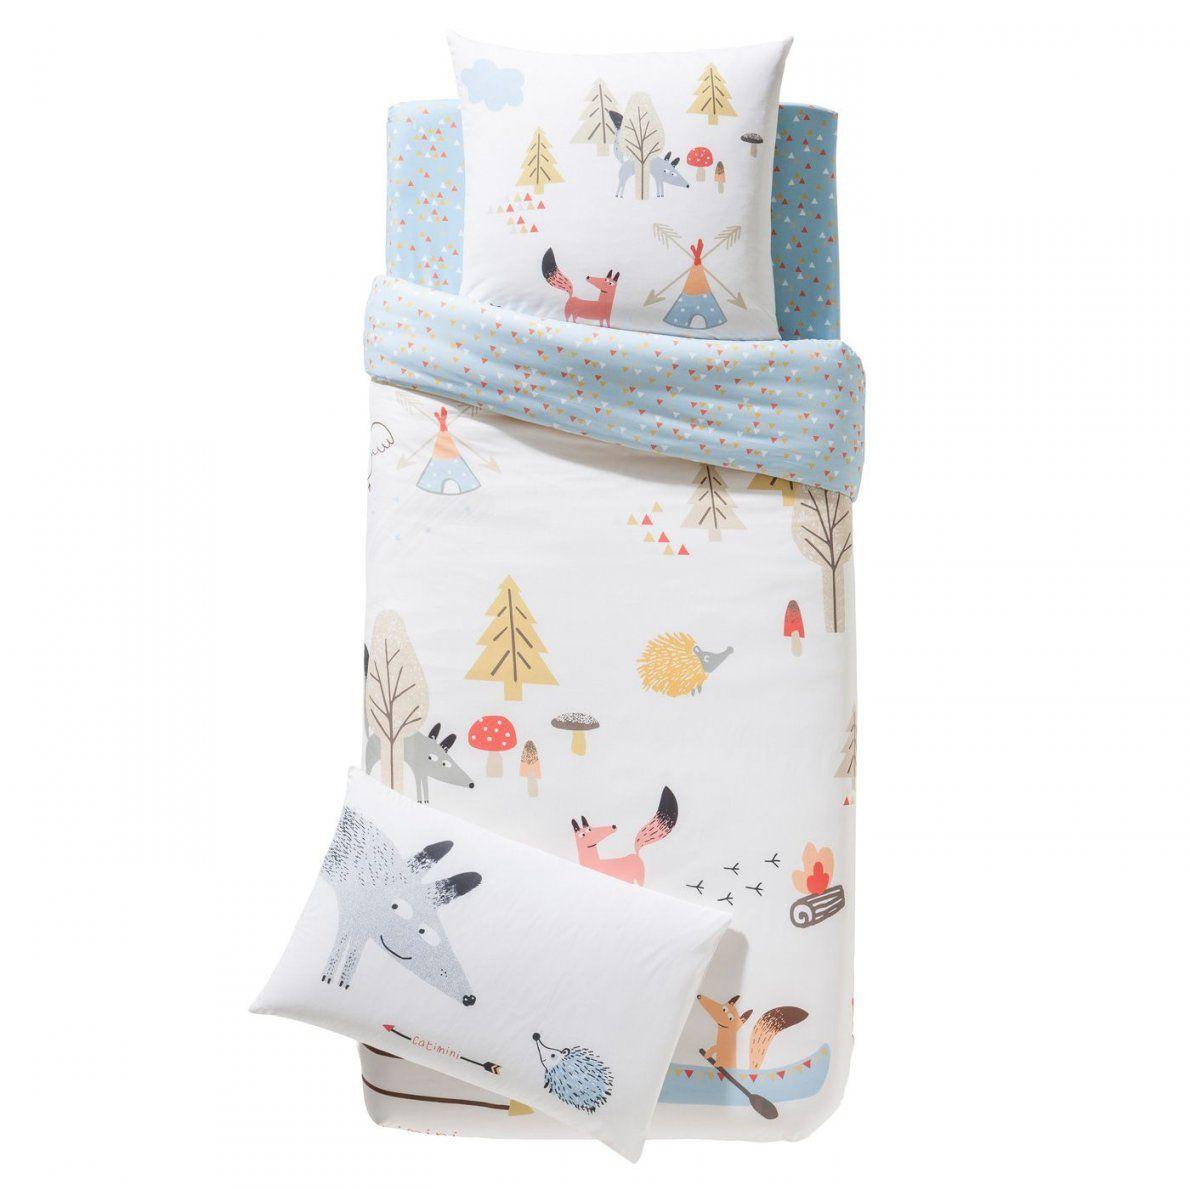 Surprising Inspiration Bettwasche Kinder Bettwäsche Garnitur Tipis von Kinderbettwäsche 100X135 Ikea Bild